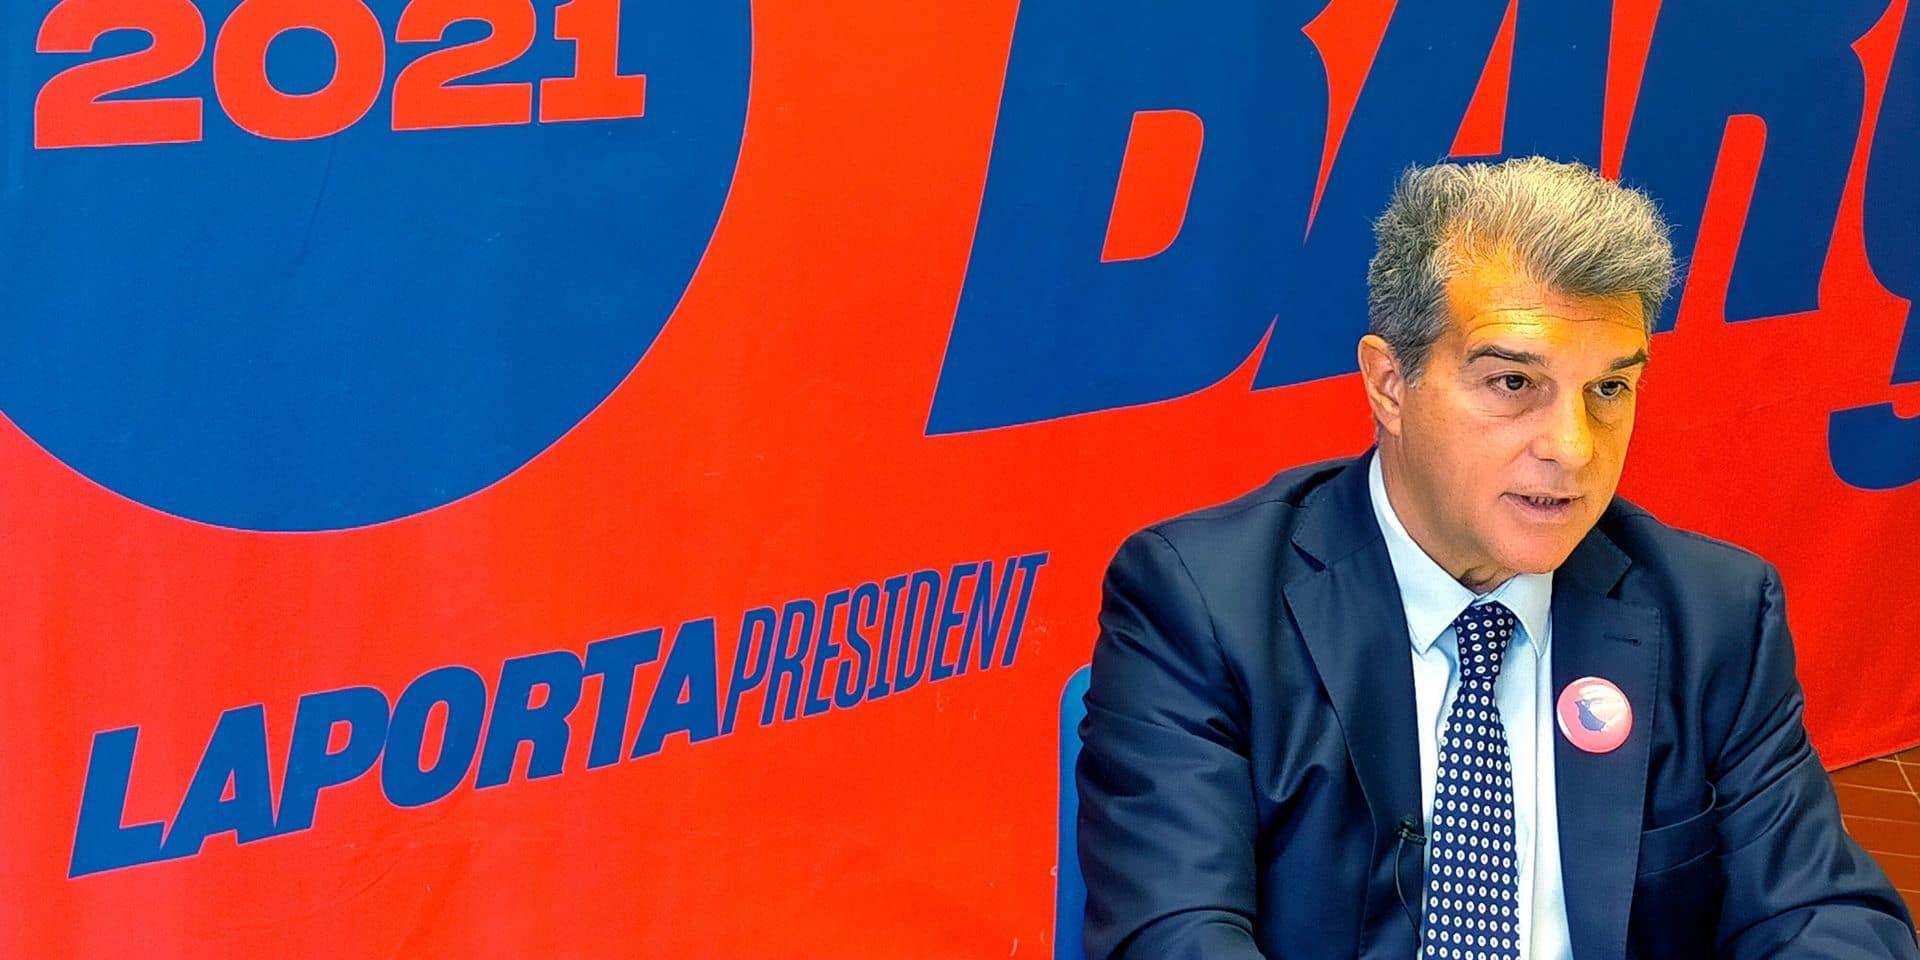 L'autre regard: l'élection présidentielle du Barça, une impossible équation